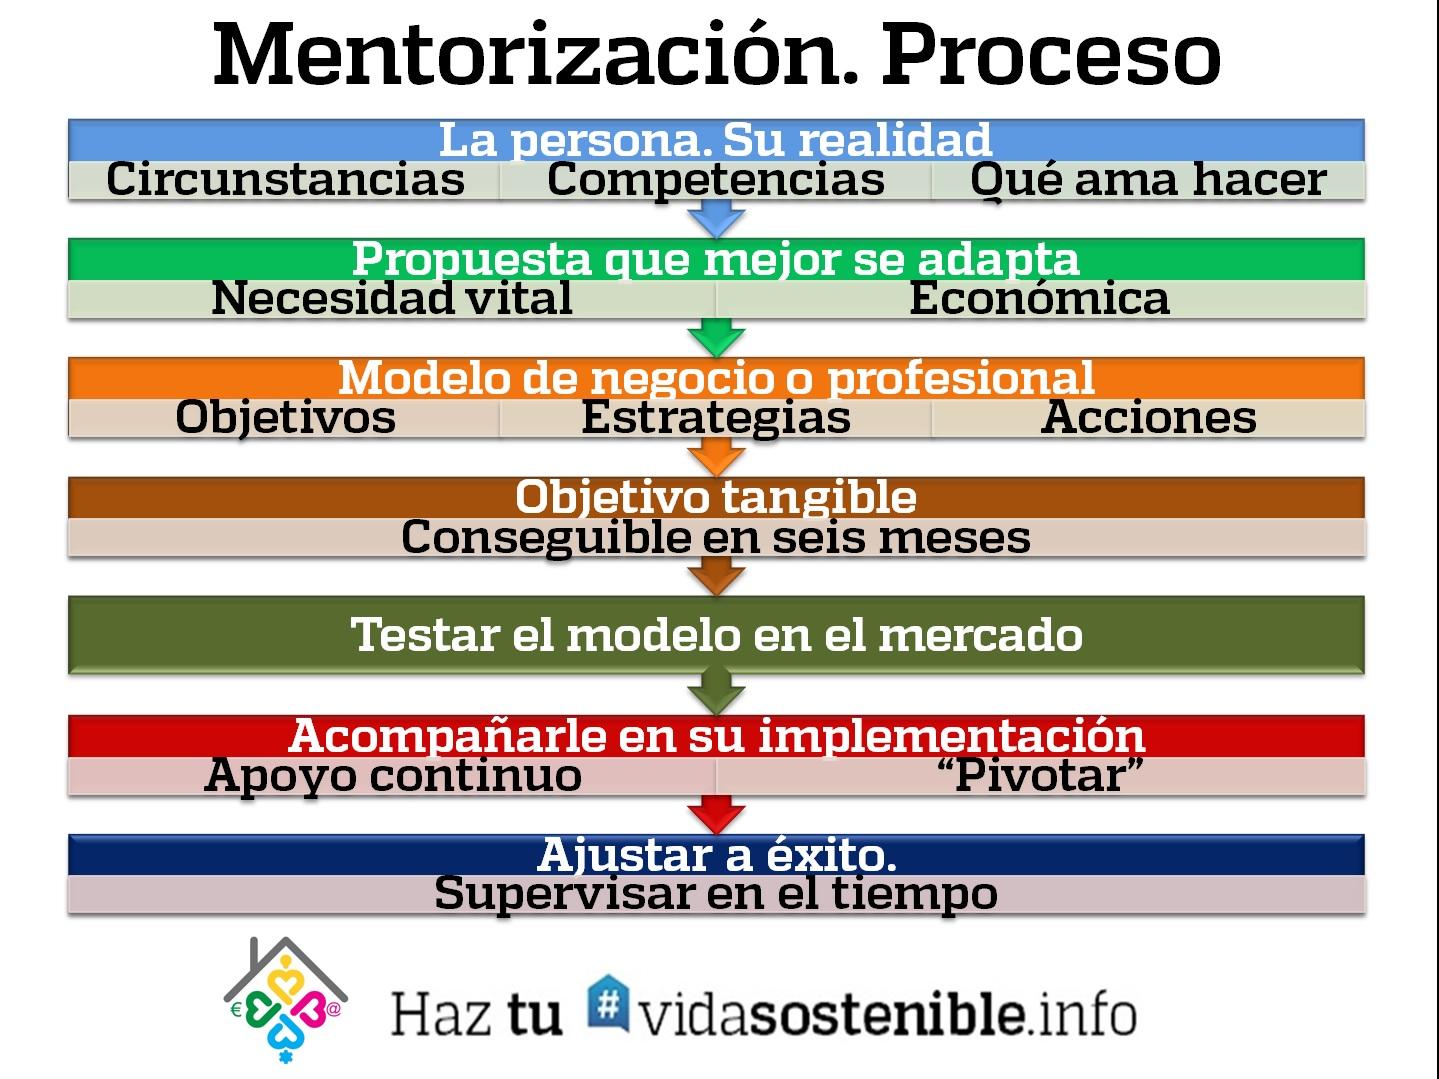 Mentorización. Proceso